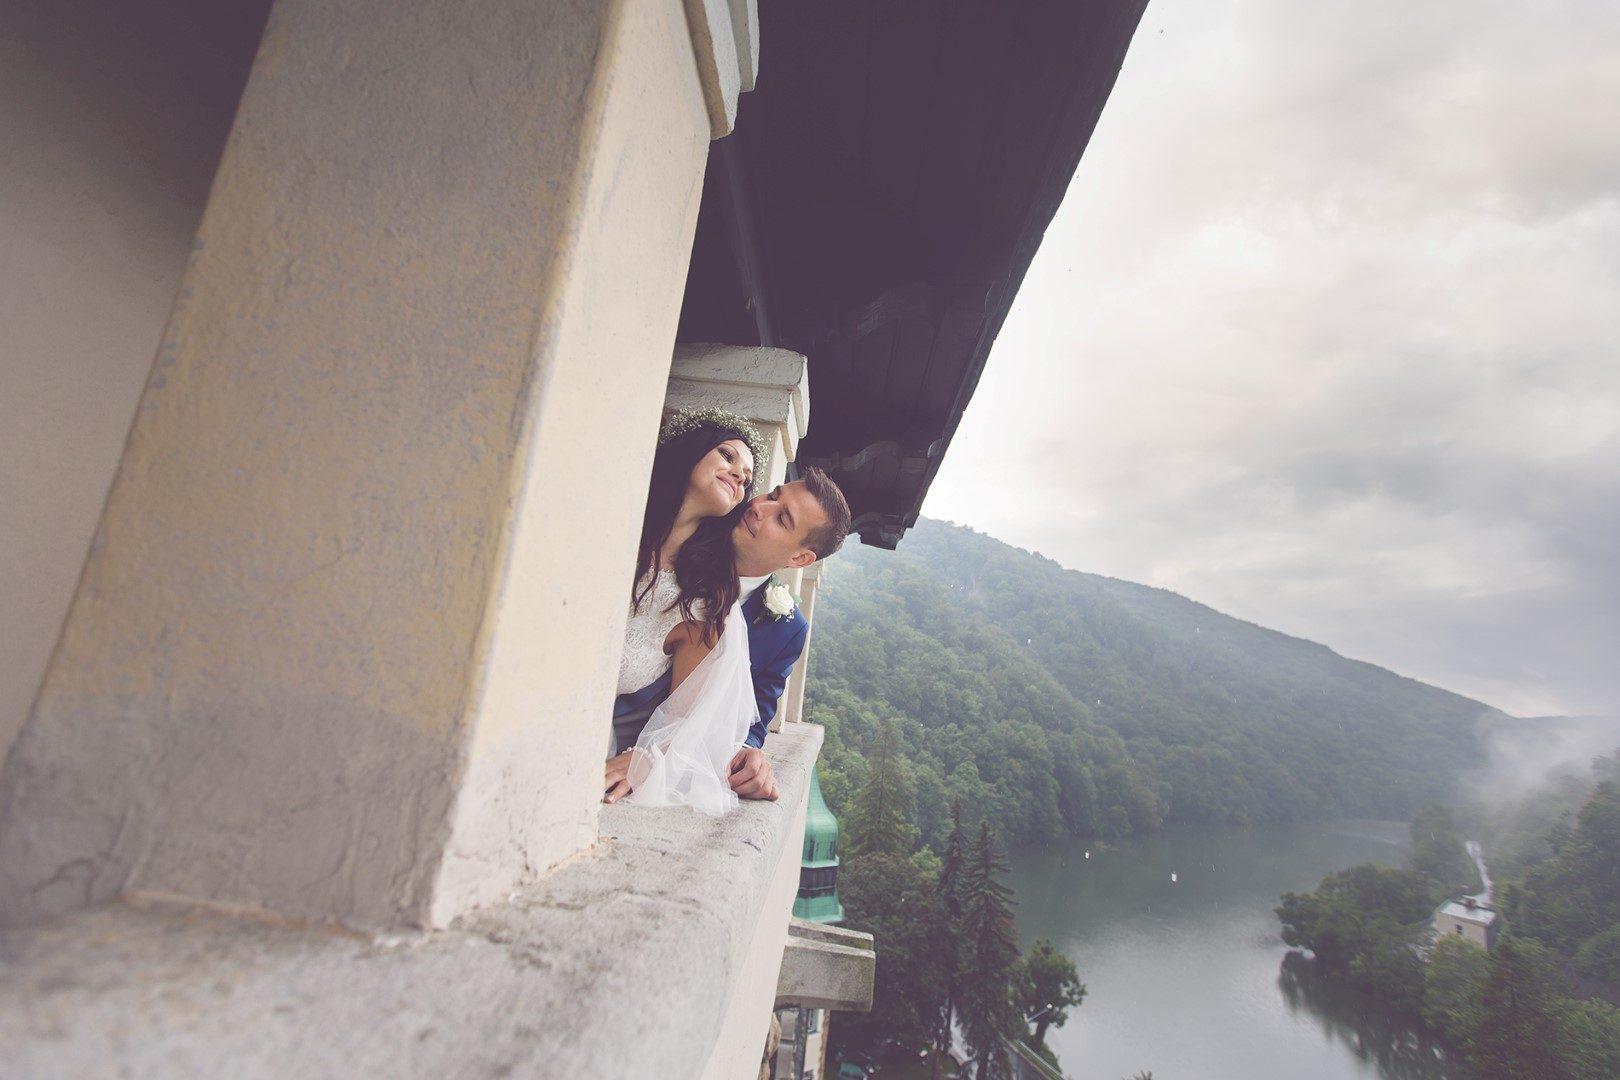 b76dd8bc0d0 fénylabor,fénylabor esküvő,esküvő,esküvői fotók,esküvőfotós,esküvő fotós,